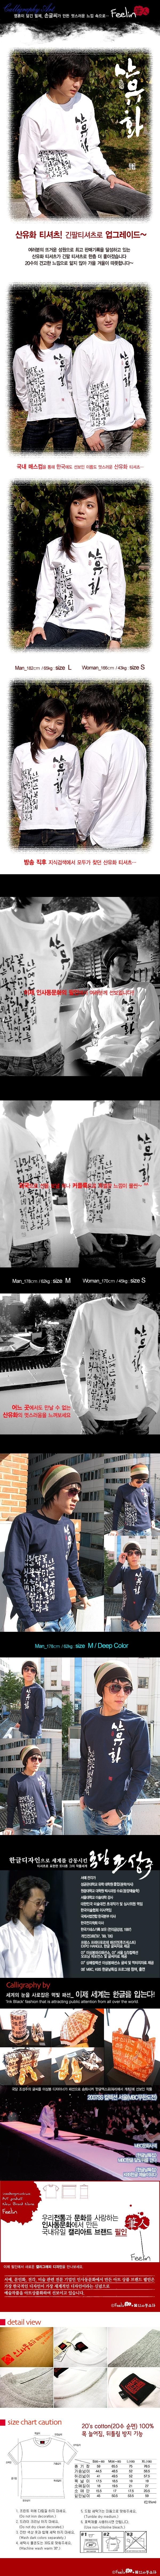 티셔츠(긴팔라운드) - 필인, 25,000원, 상의, 긴팔티셔츠